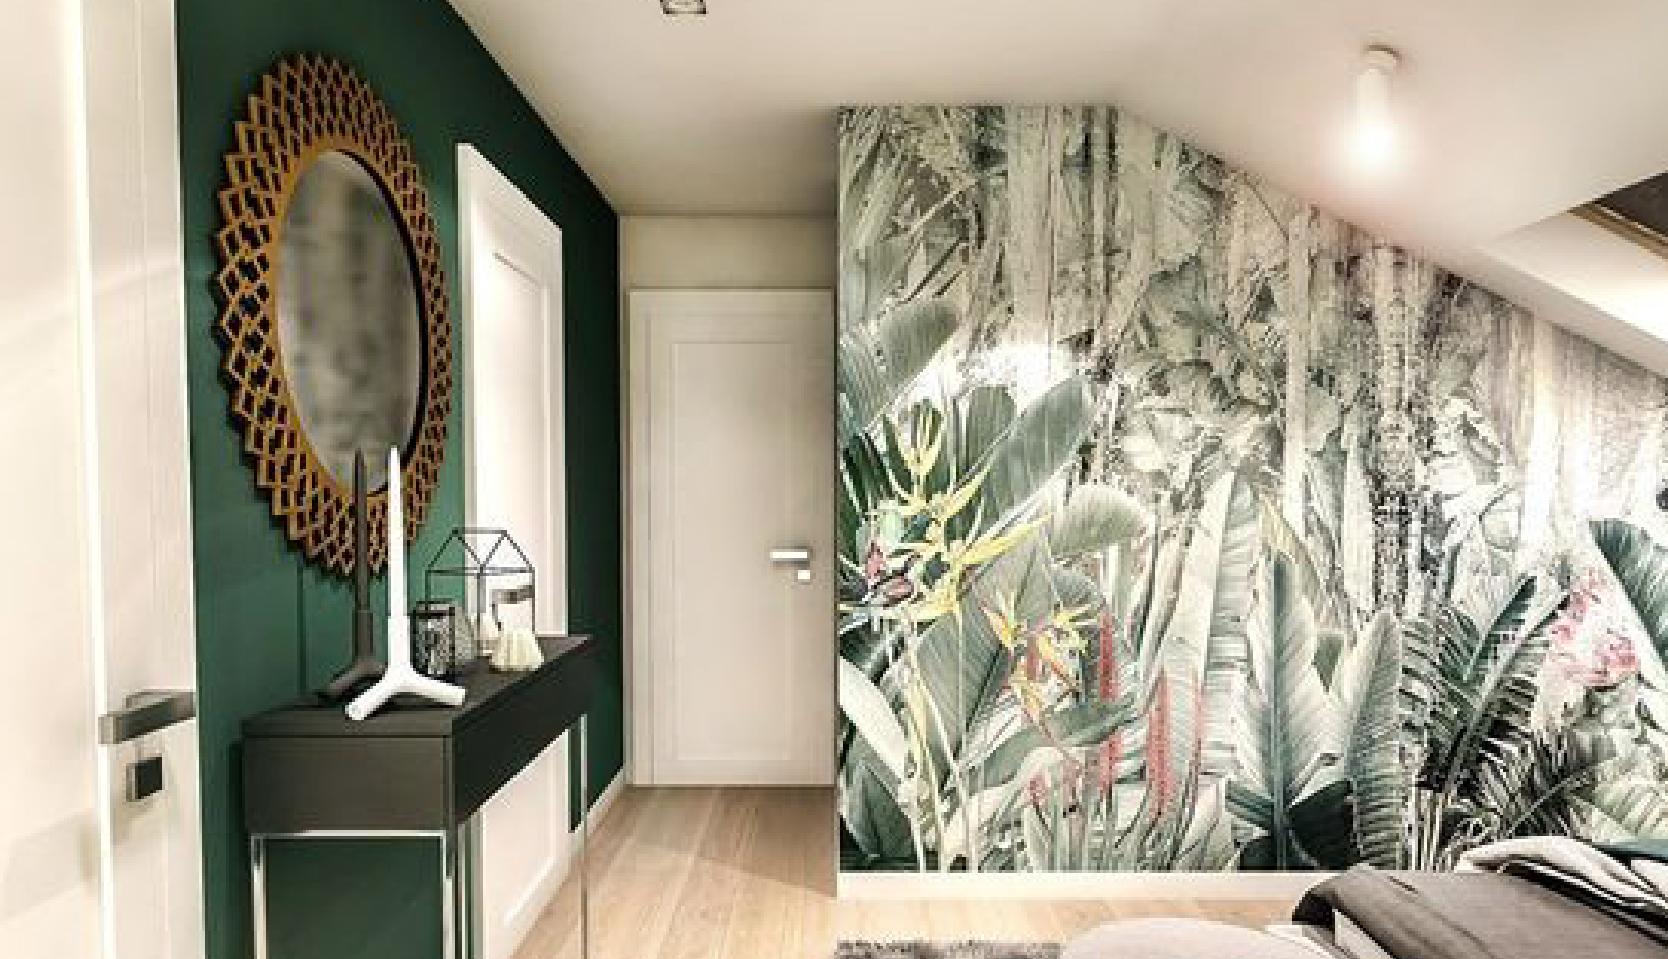 Progettazione Ambiente Casa Imperia Savona Costa Azzurra | Complementi d'Arredo e Design Imperia Savona Costa Azzurra | ARTARREDA